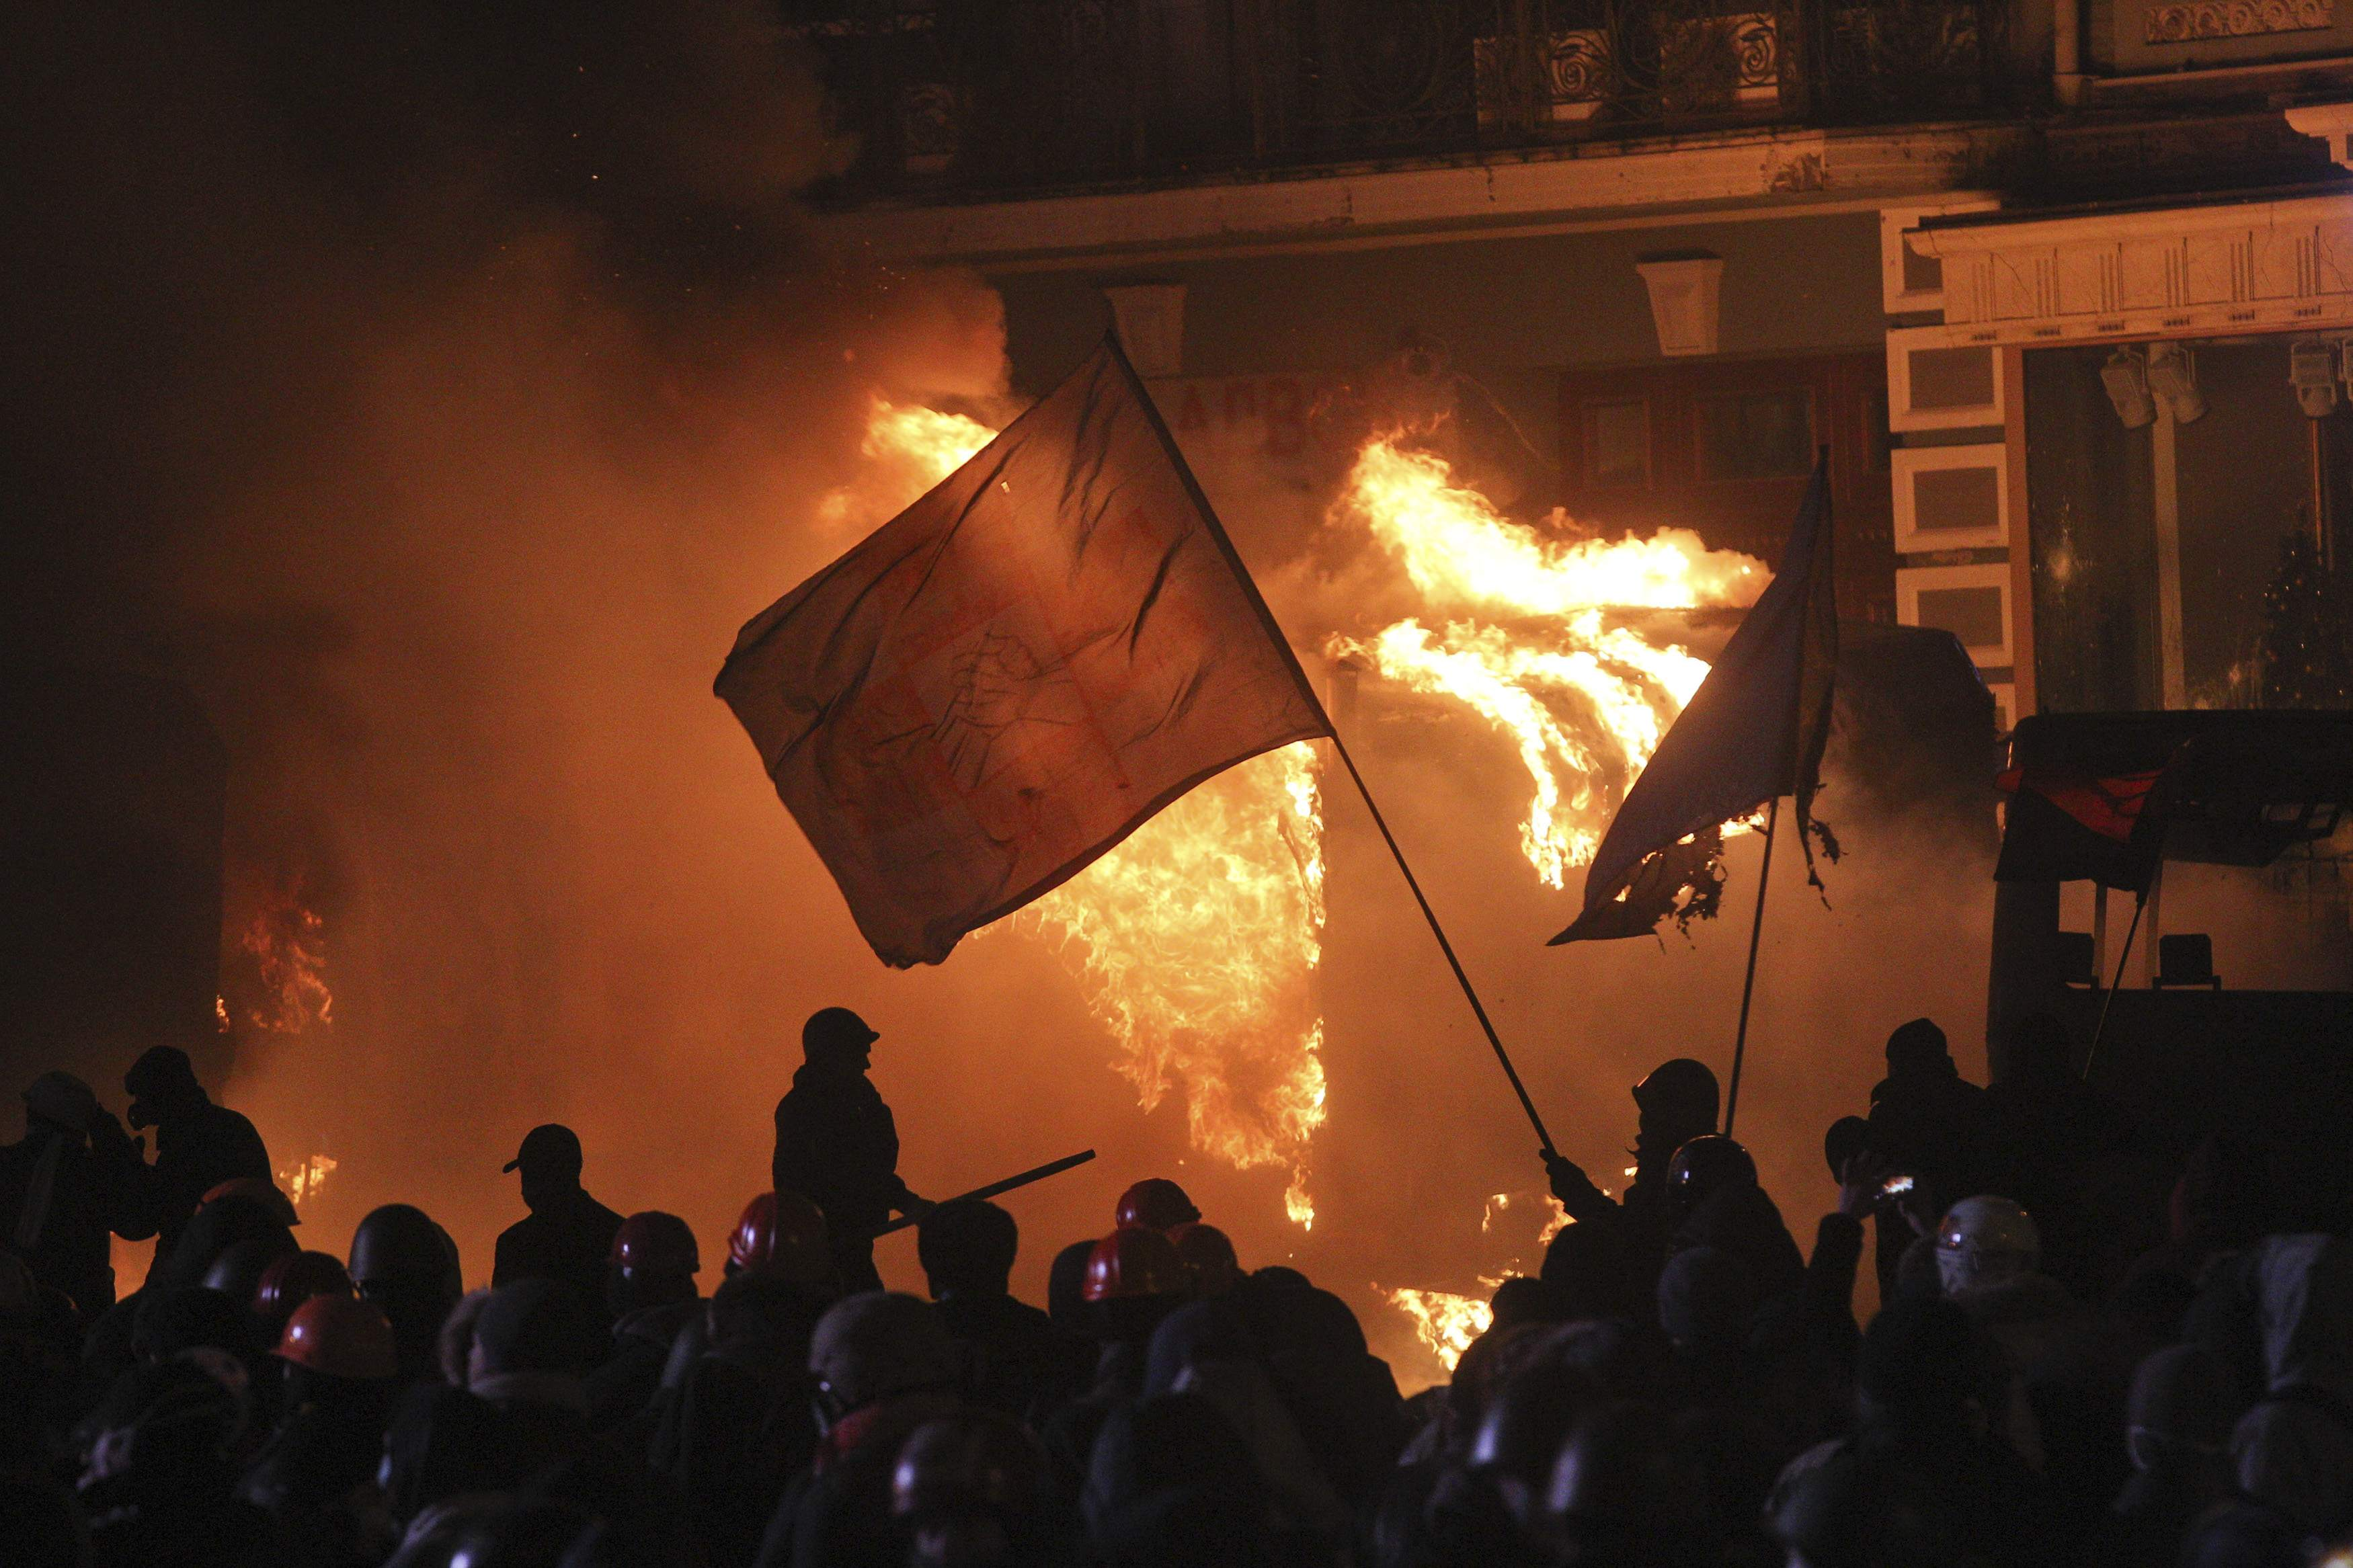 Дым, огонь и водометы: опубликованы новые фото драк в центре Киева